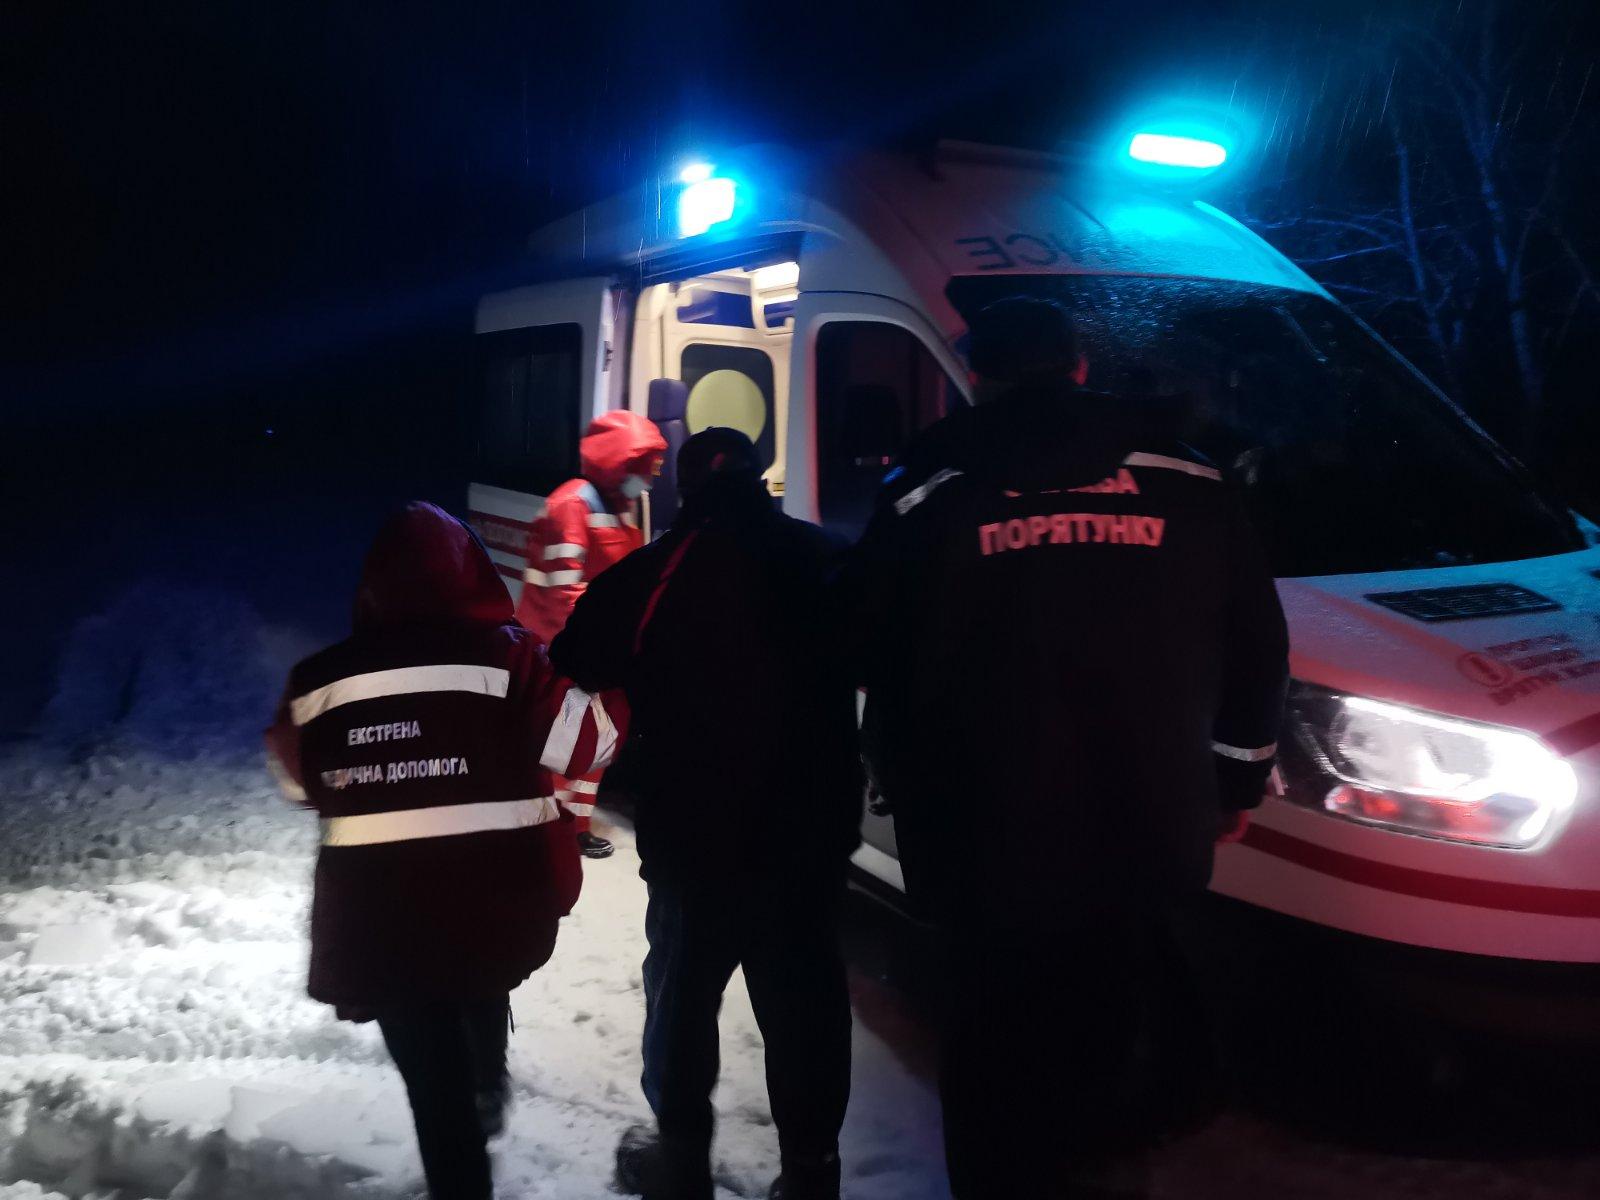 Баришівський район: снігові замети ускладнюють роботу медикам - Швидка допомога, сніг, рятувальники - IMG 09f2da0bf3066be62472c74abbede383 V